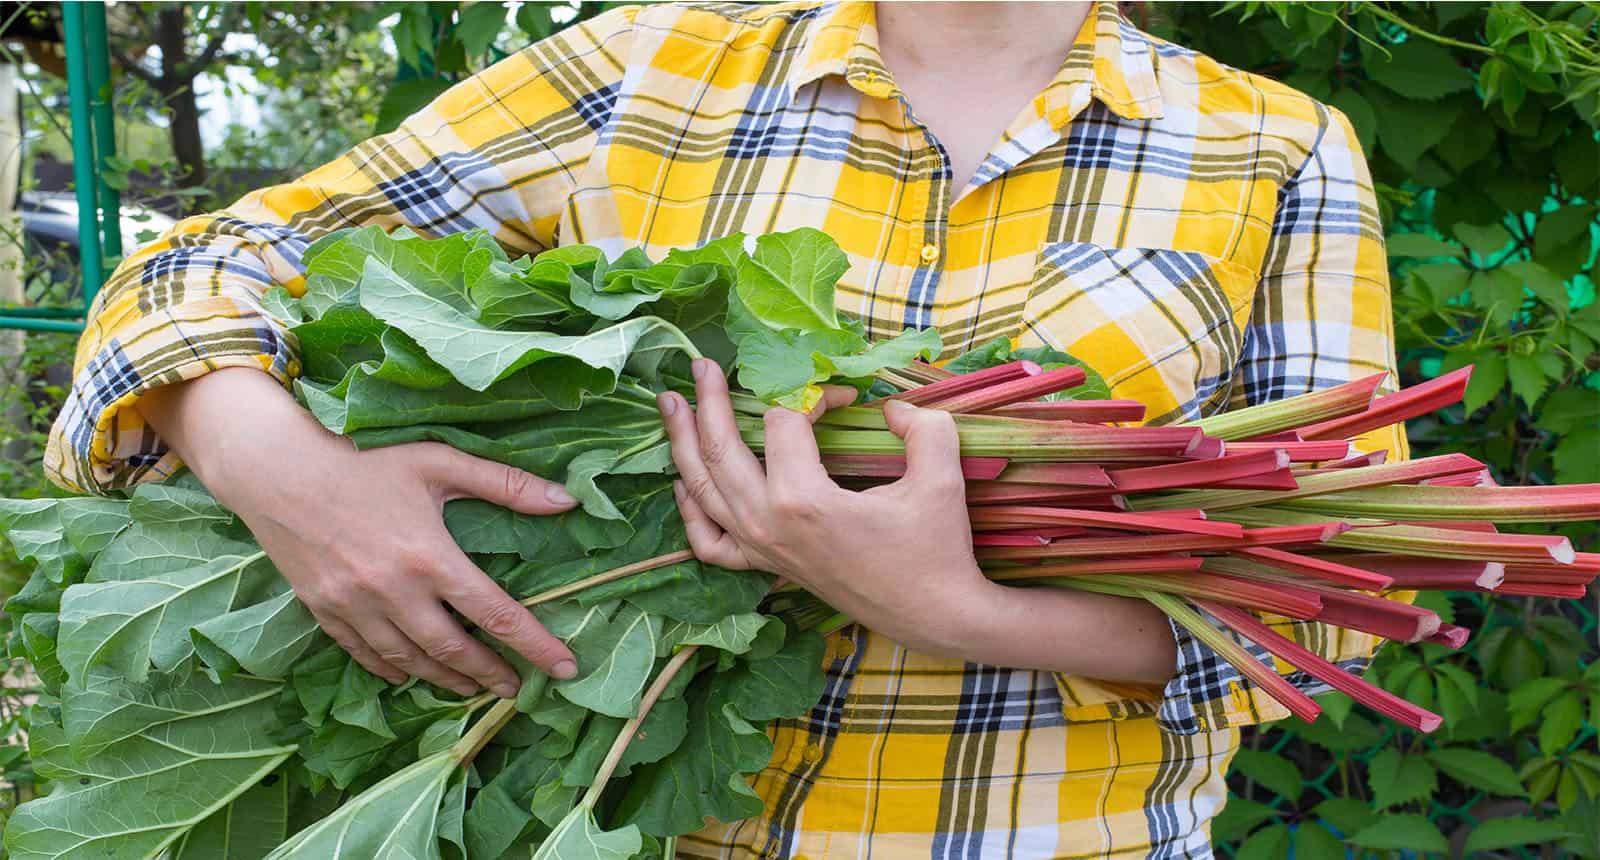 Hold Armful Cut Rhubarb